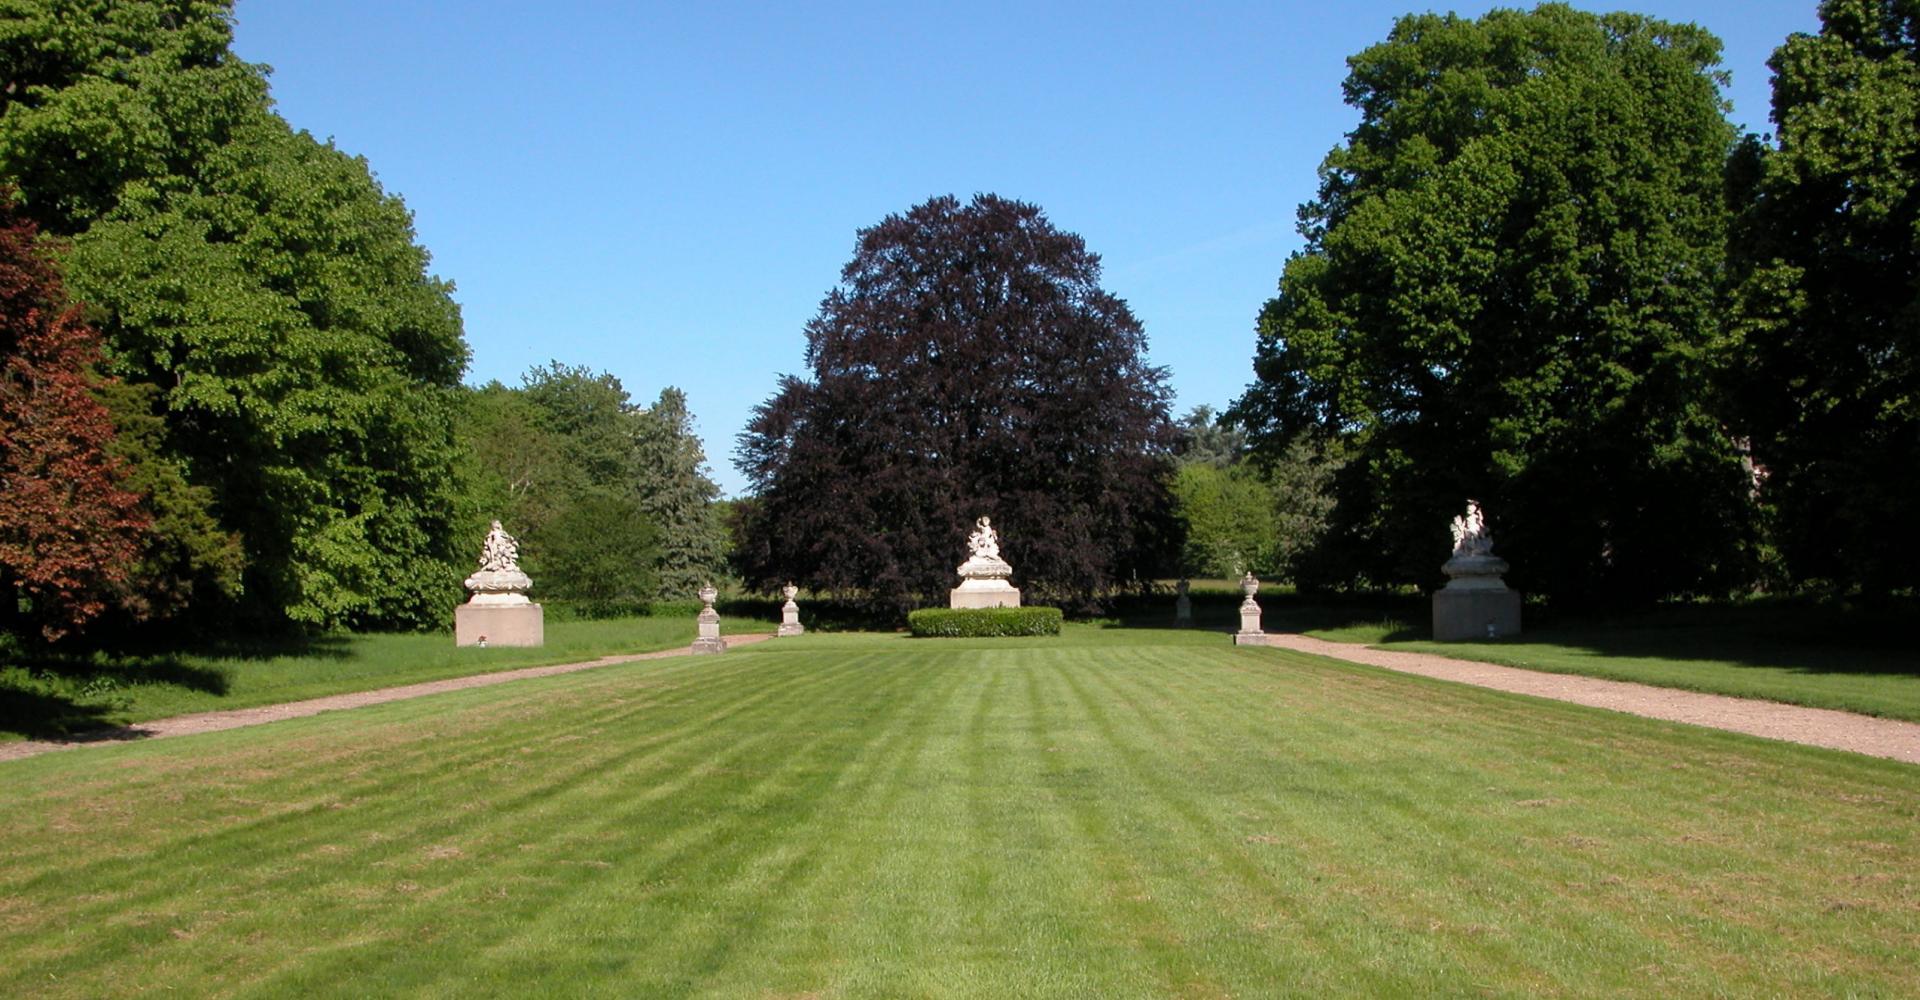 Parc et jardin du ch teau de chevilly parcs et jardins for Parc et jardin